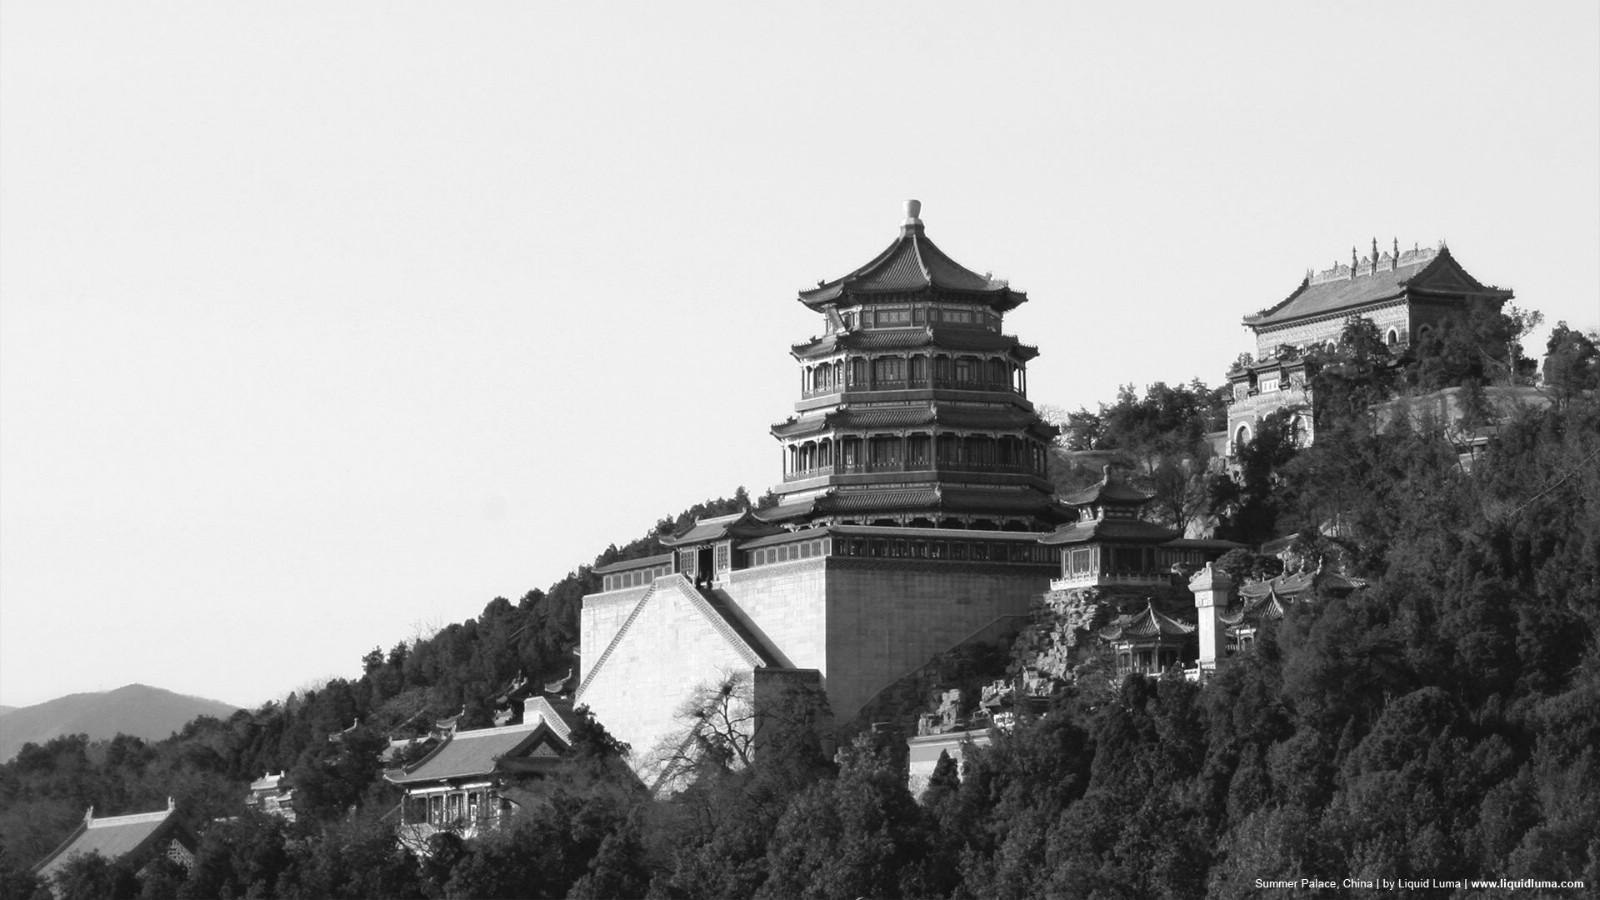 壁纸1600×900纯粹的光影美学 人文建筑黑白摄影壁纸 Summer Palace China 北京颐和园桌面壁纸壁纸 纯粹的光影美学人文建筑黑白摄影壁纸壁纸图片人文壁纸人文图片素材桌面壁纸